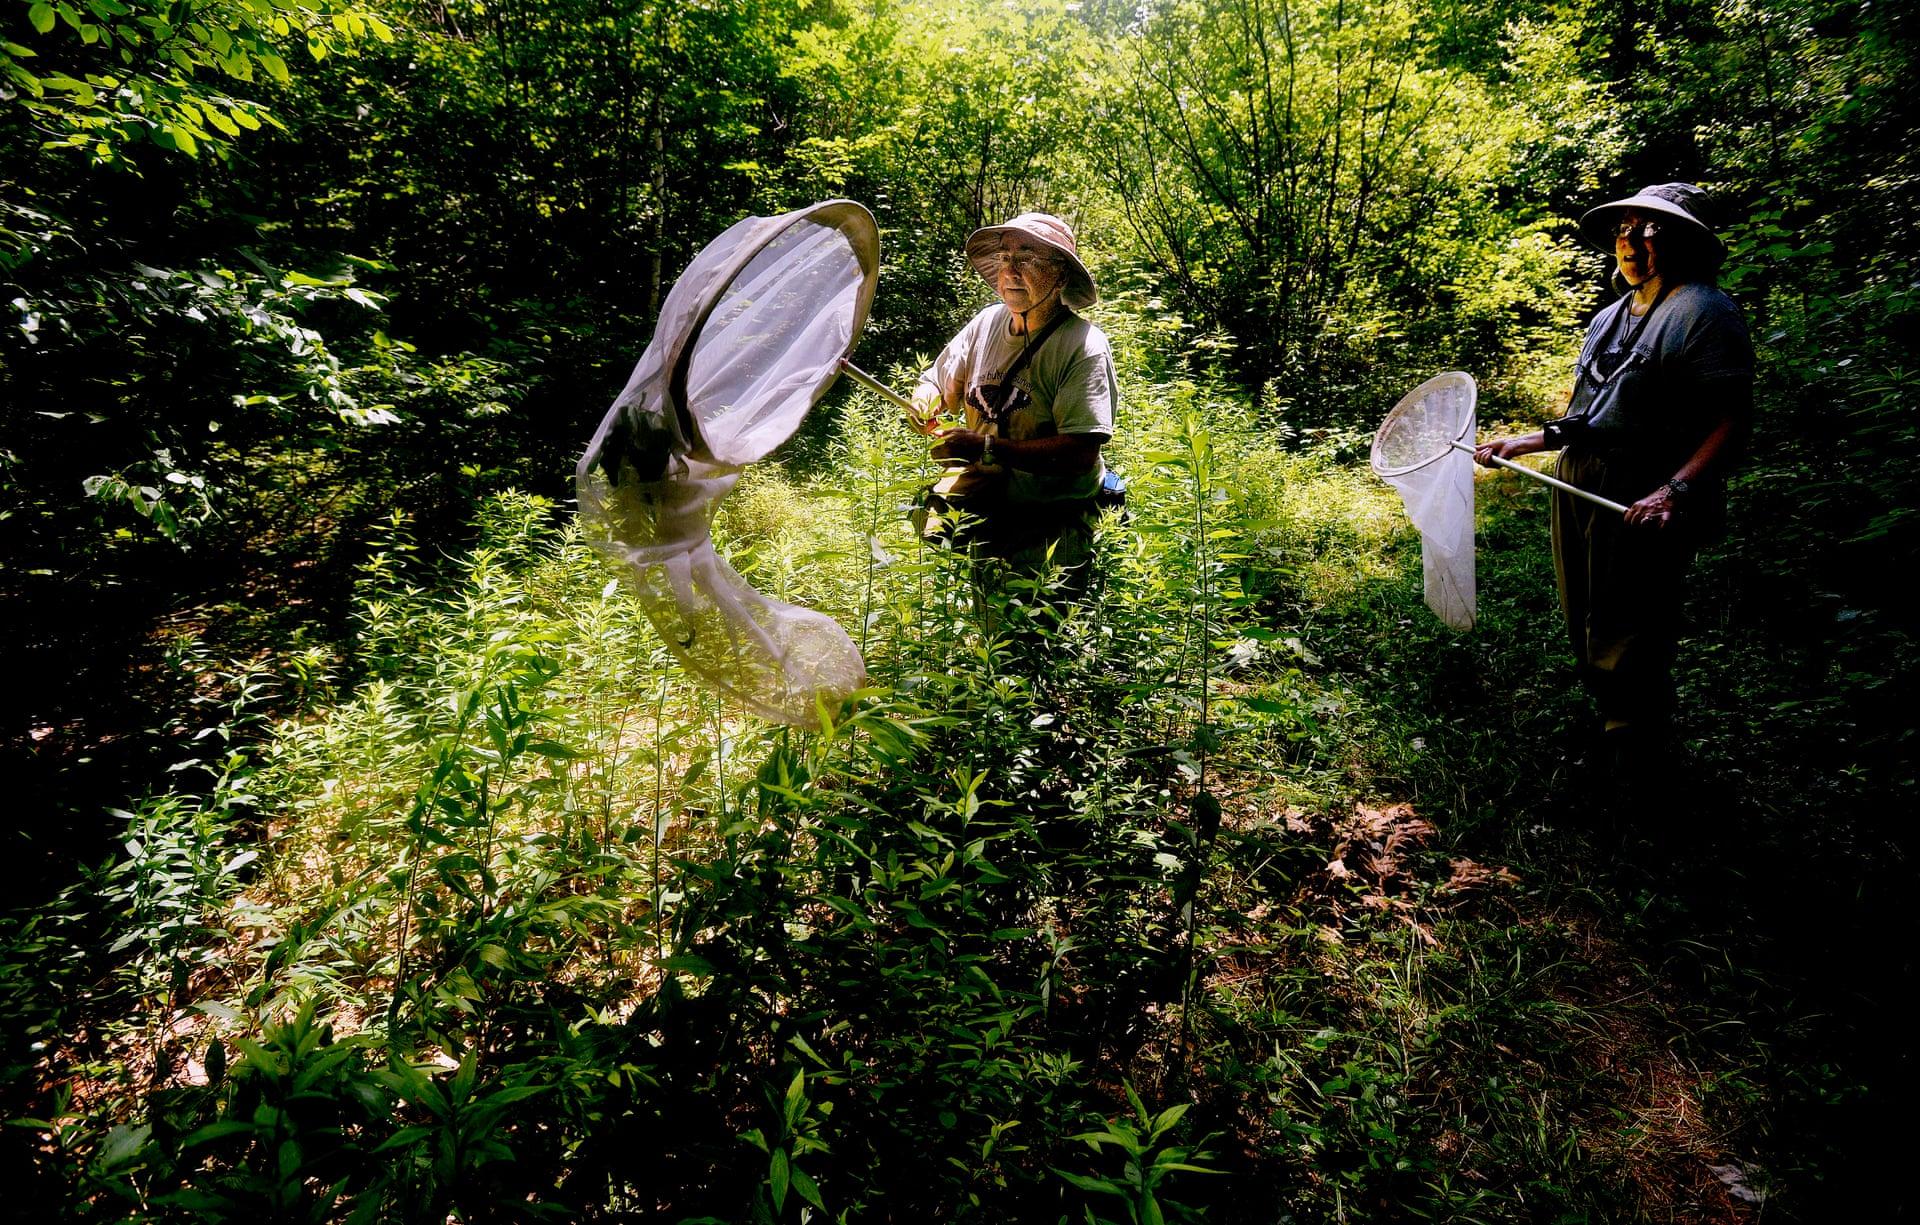 Обследование бабочек в штате Мэн, США. Фото: Шон Патрик Уэльетт / Getty Images.